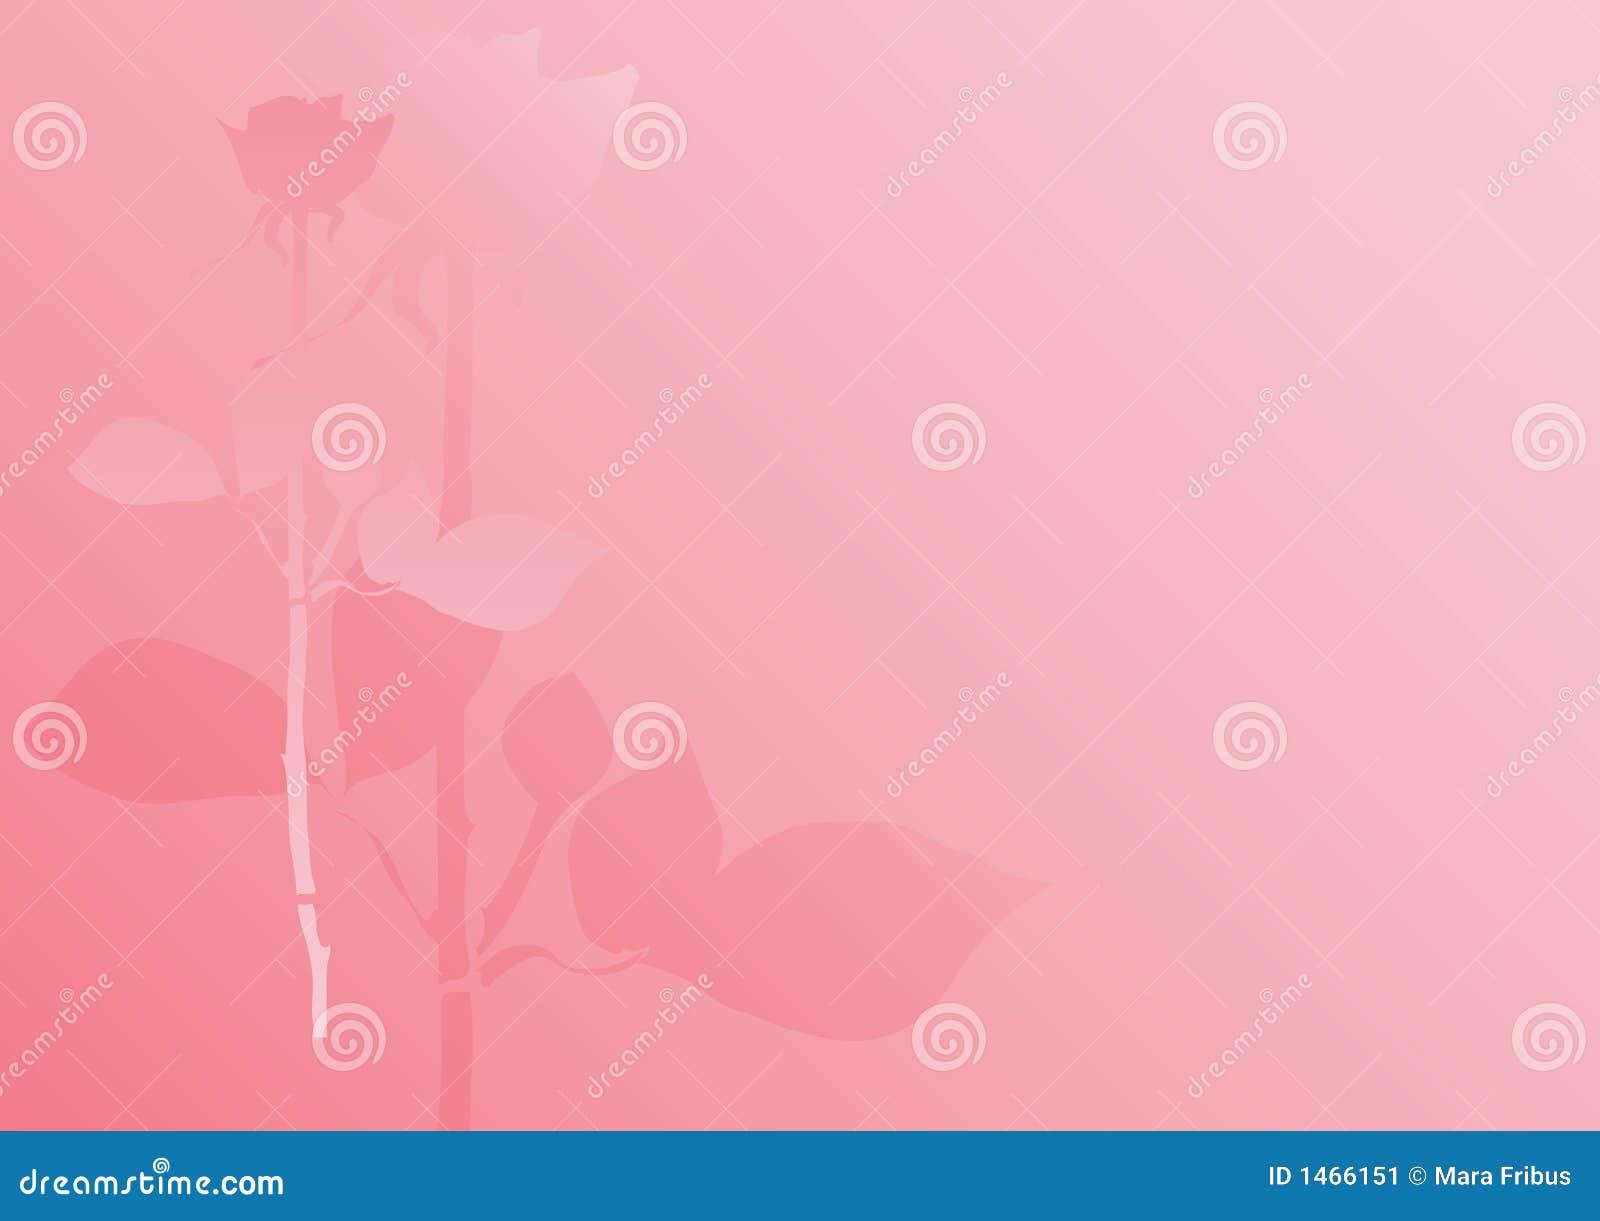 Fondo Color De Rosa Del Pastel Imagen de archivo - Imagen: 1466151